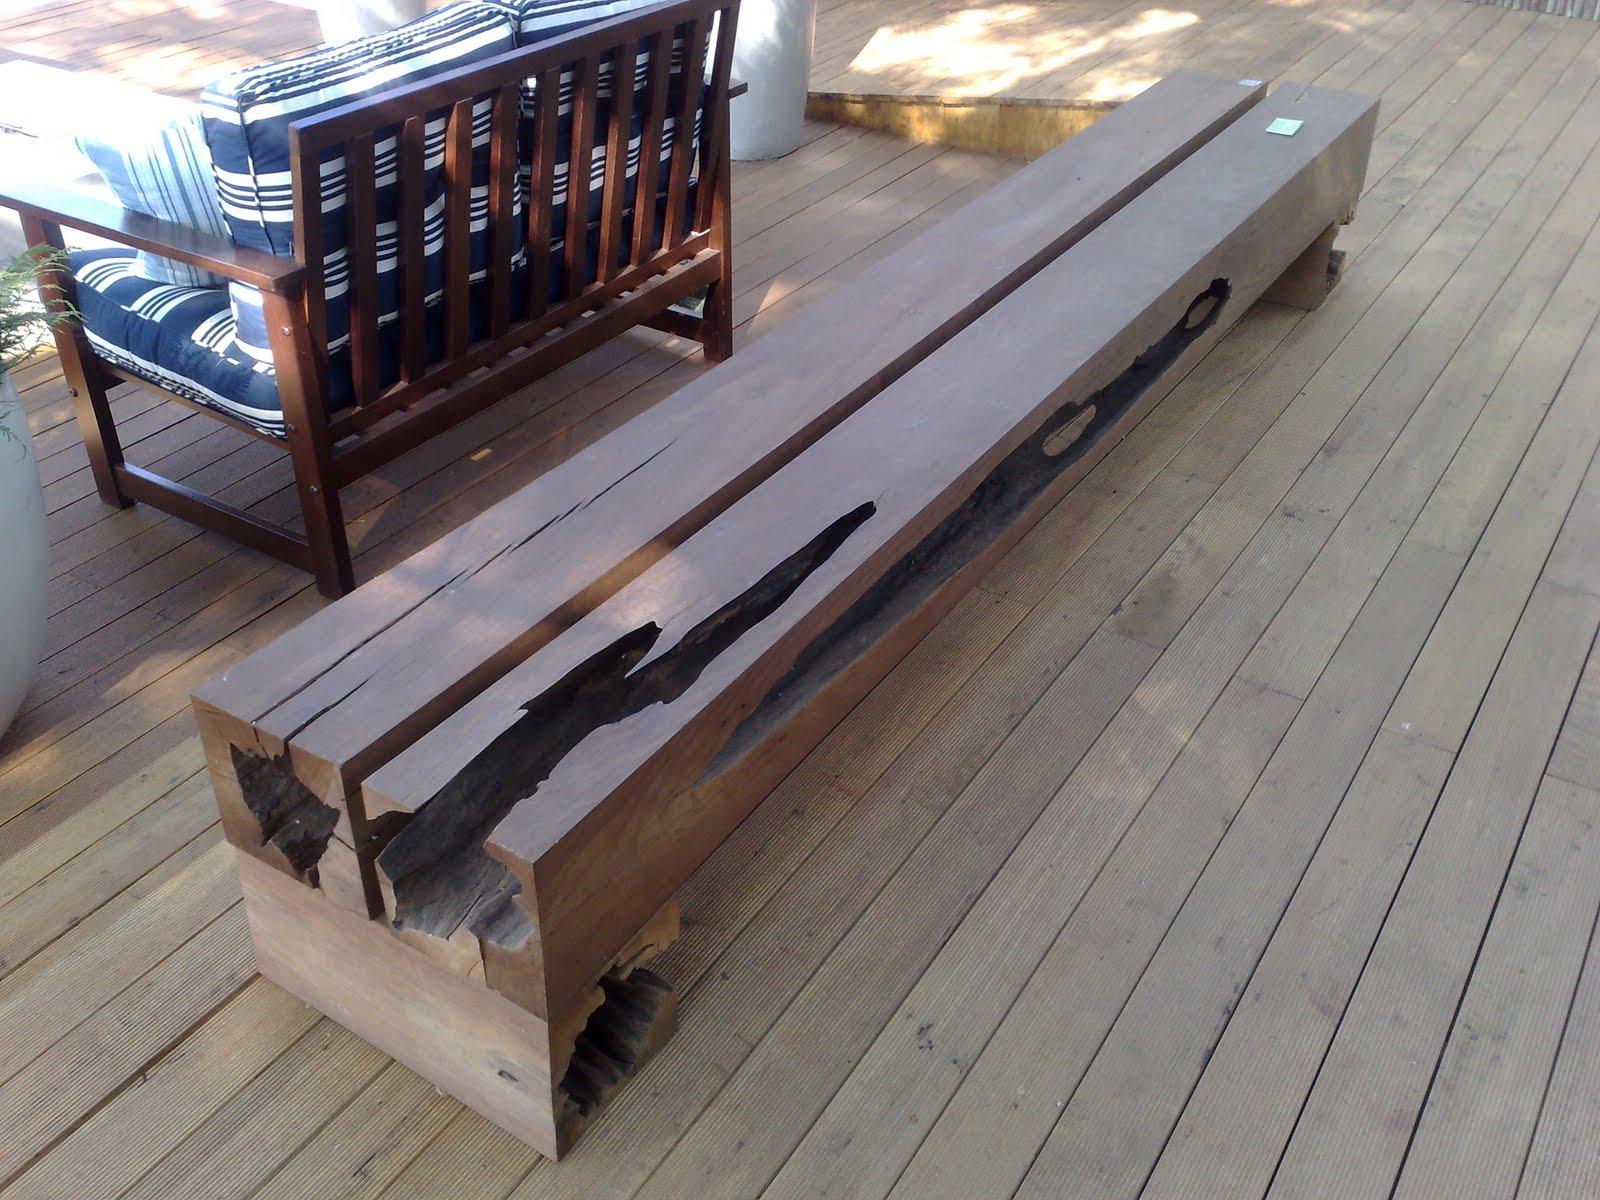 Studio GUX Design Sustentável: Banco em madeira de demolição design #3B6390 1600x1200